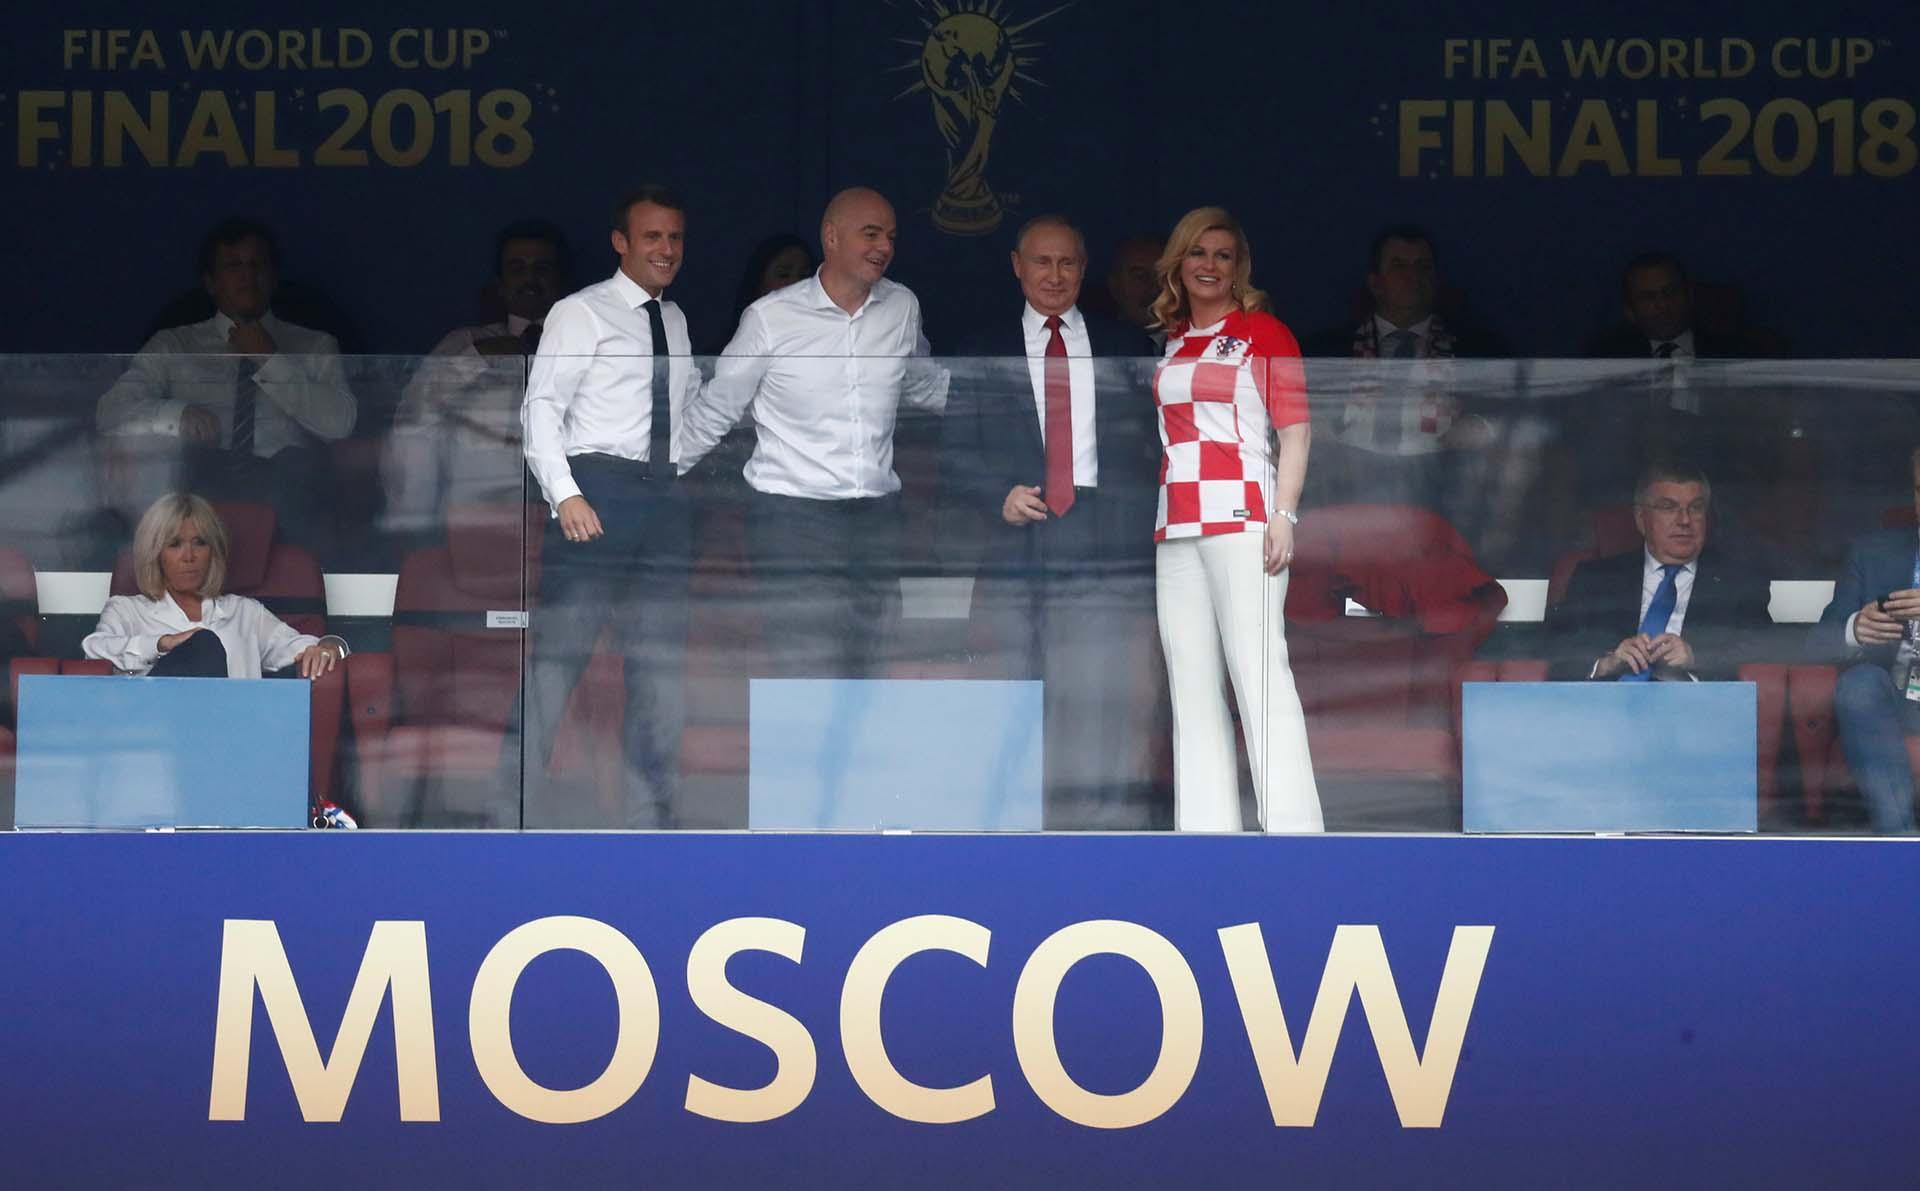 MUNDIAL DE FUTBOL RUSIA 2018, NOTÍCIAS Y CURIOSIDADES - Página 7 Final-Mundial-Rusia-2018-Francia-Croacia-131